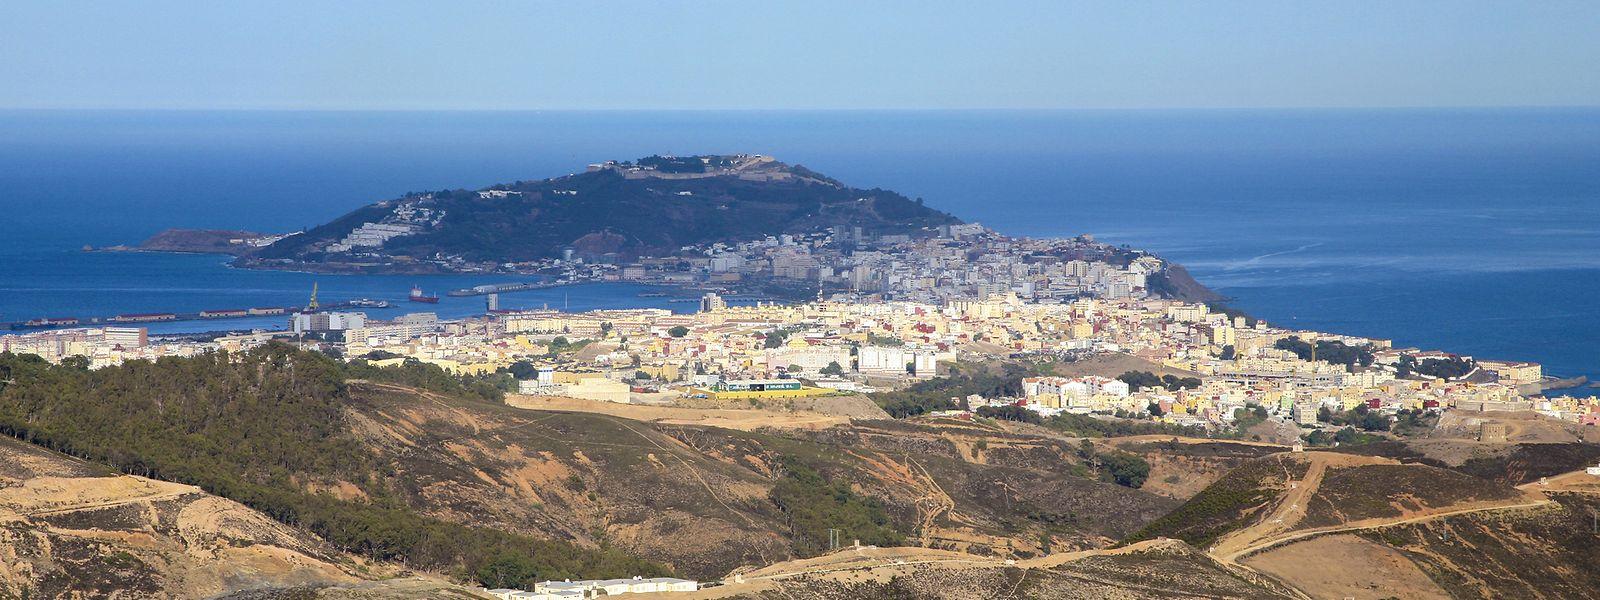 Der Schmuggel zwischen der spanischen Exklave Ceuta und Marokko ist zum Erliegen gekommen.